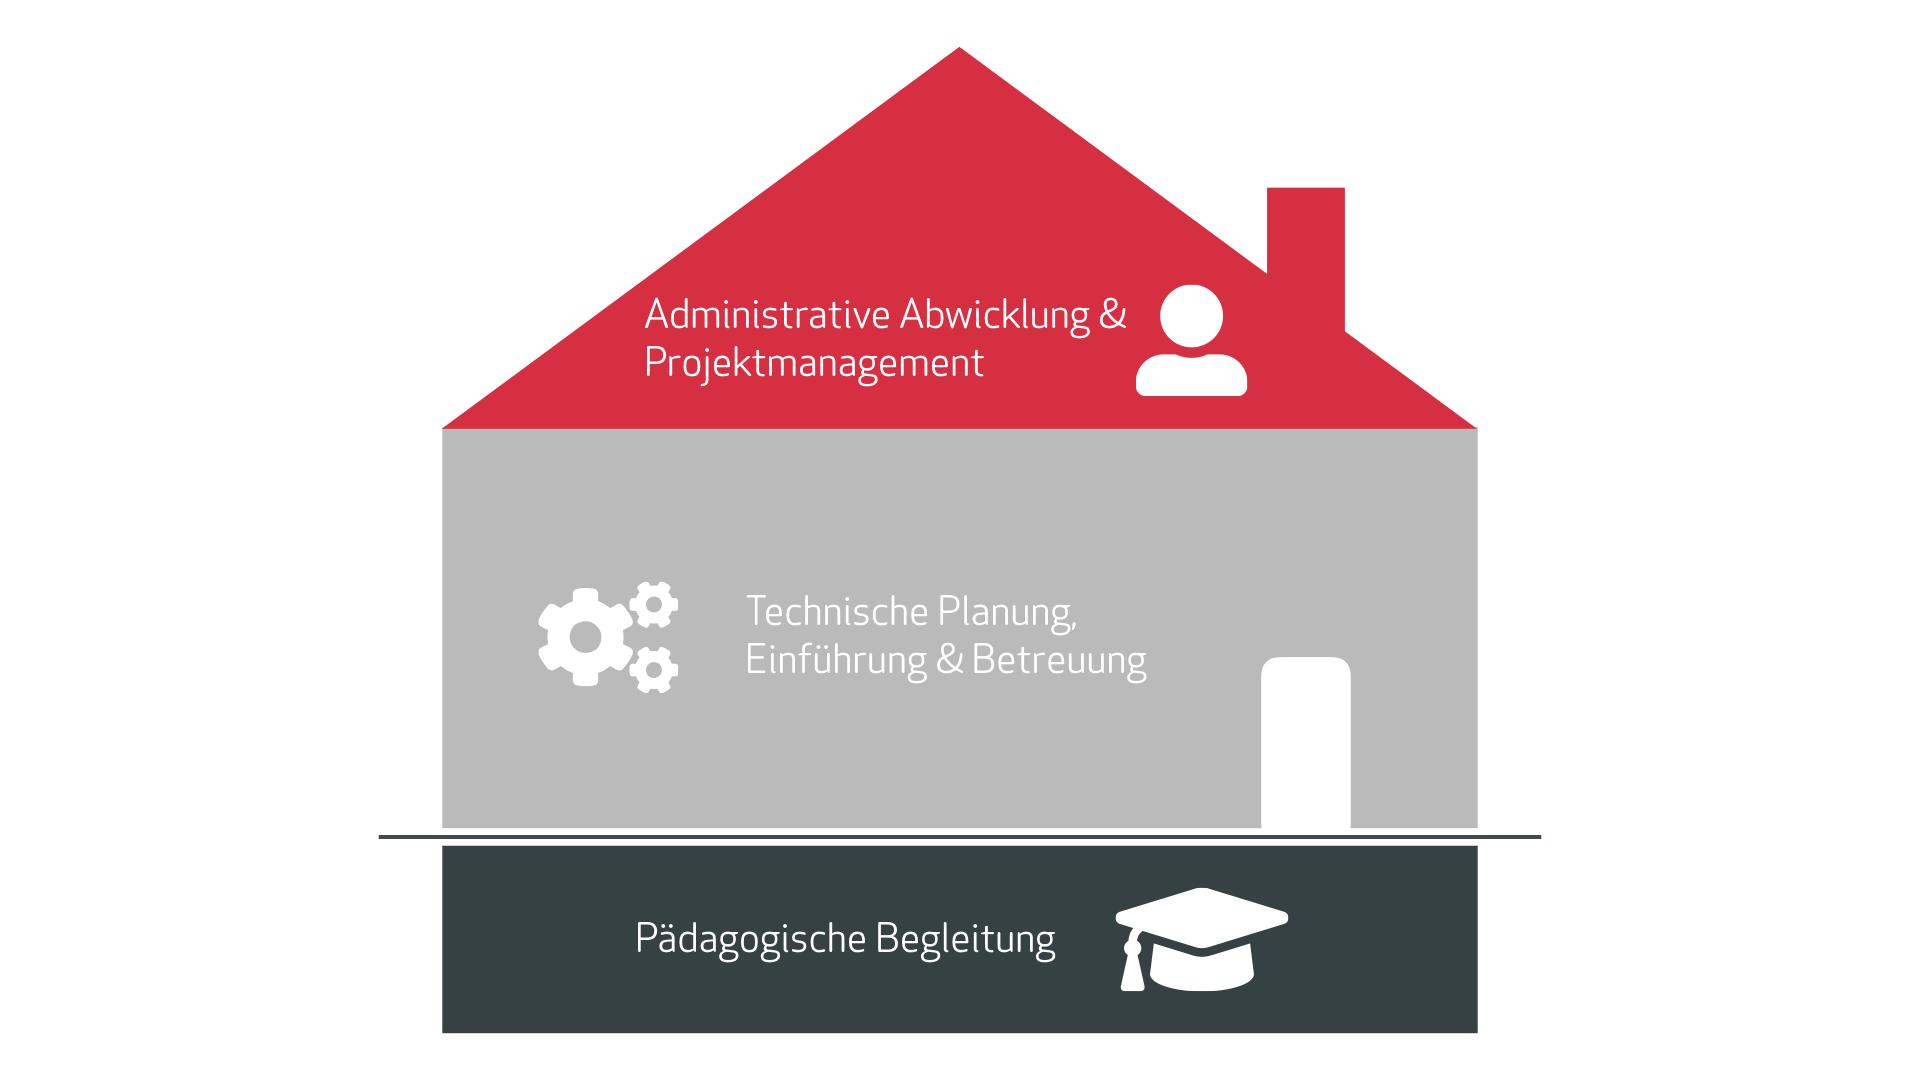 Bausteine der digitalen Bildung